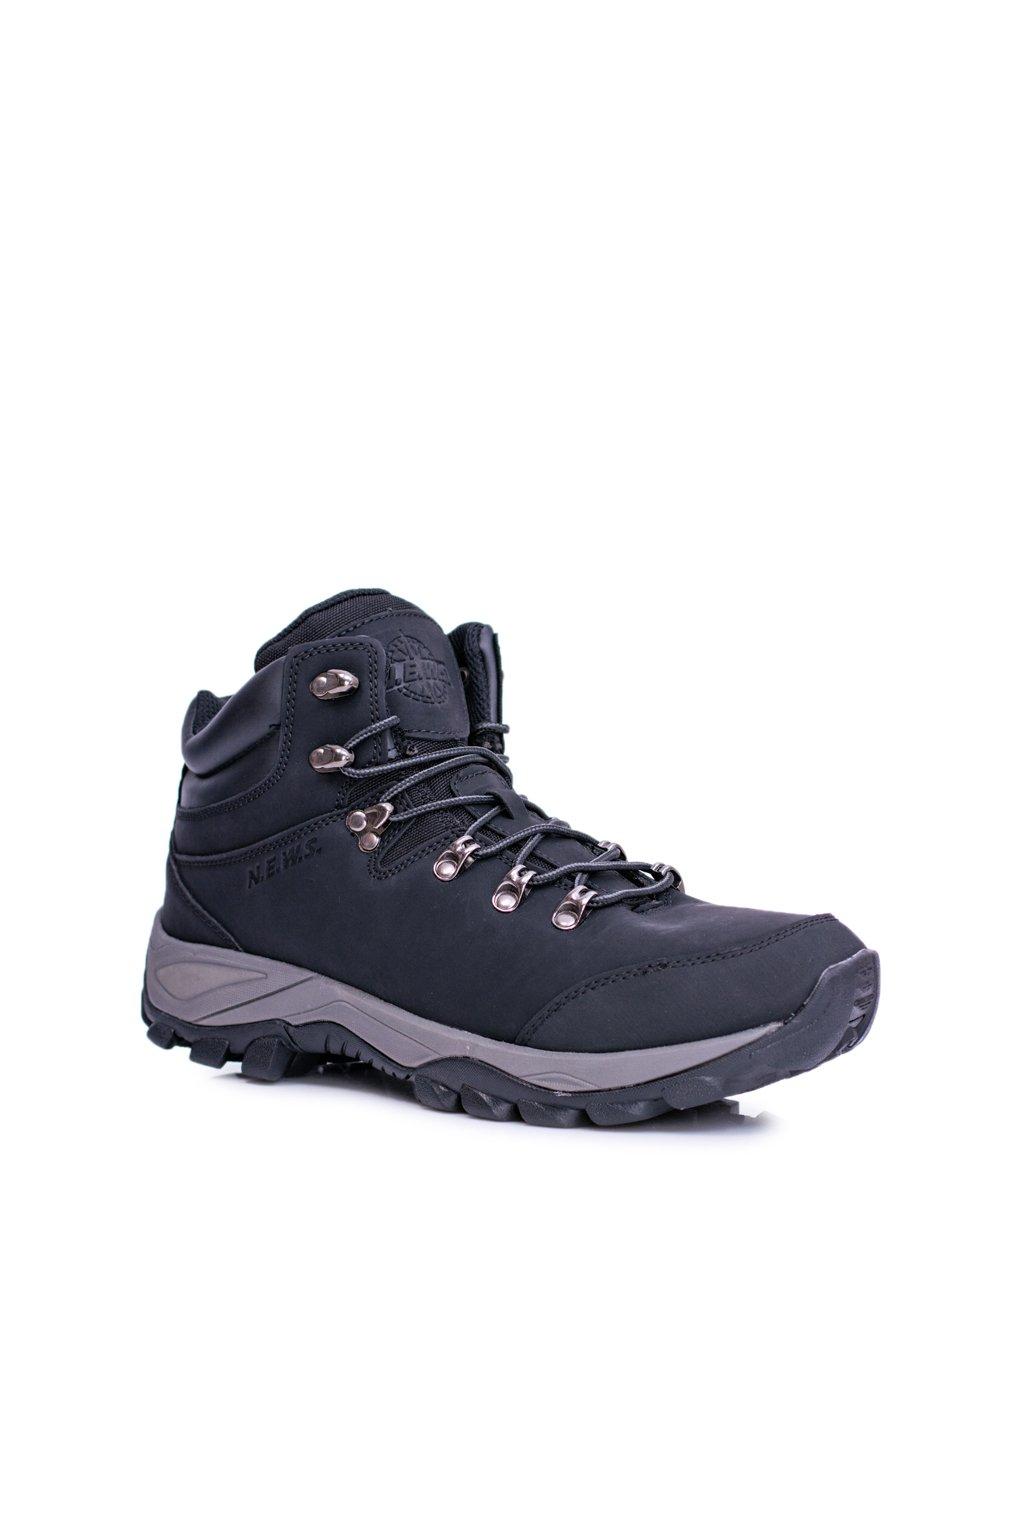 Pánske trekingové topánky farba čierna kód obuvi 7TR85-0099 BLK